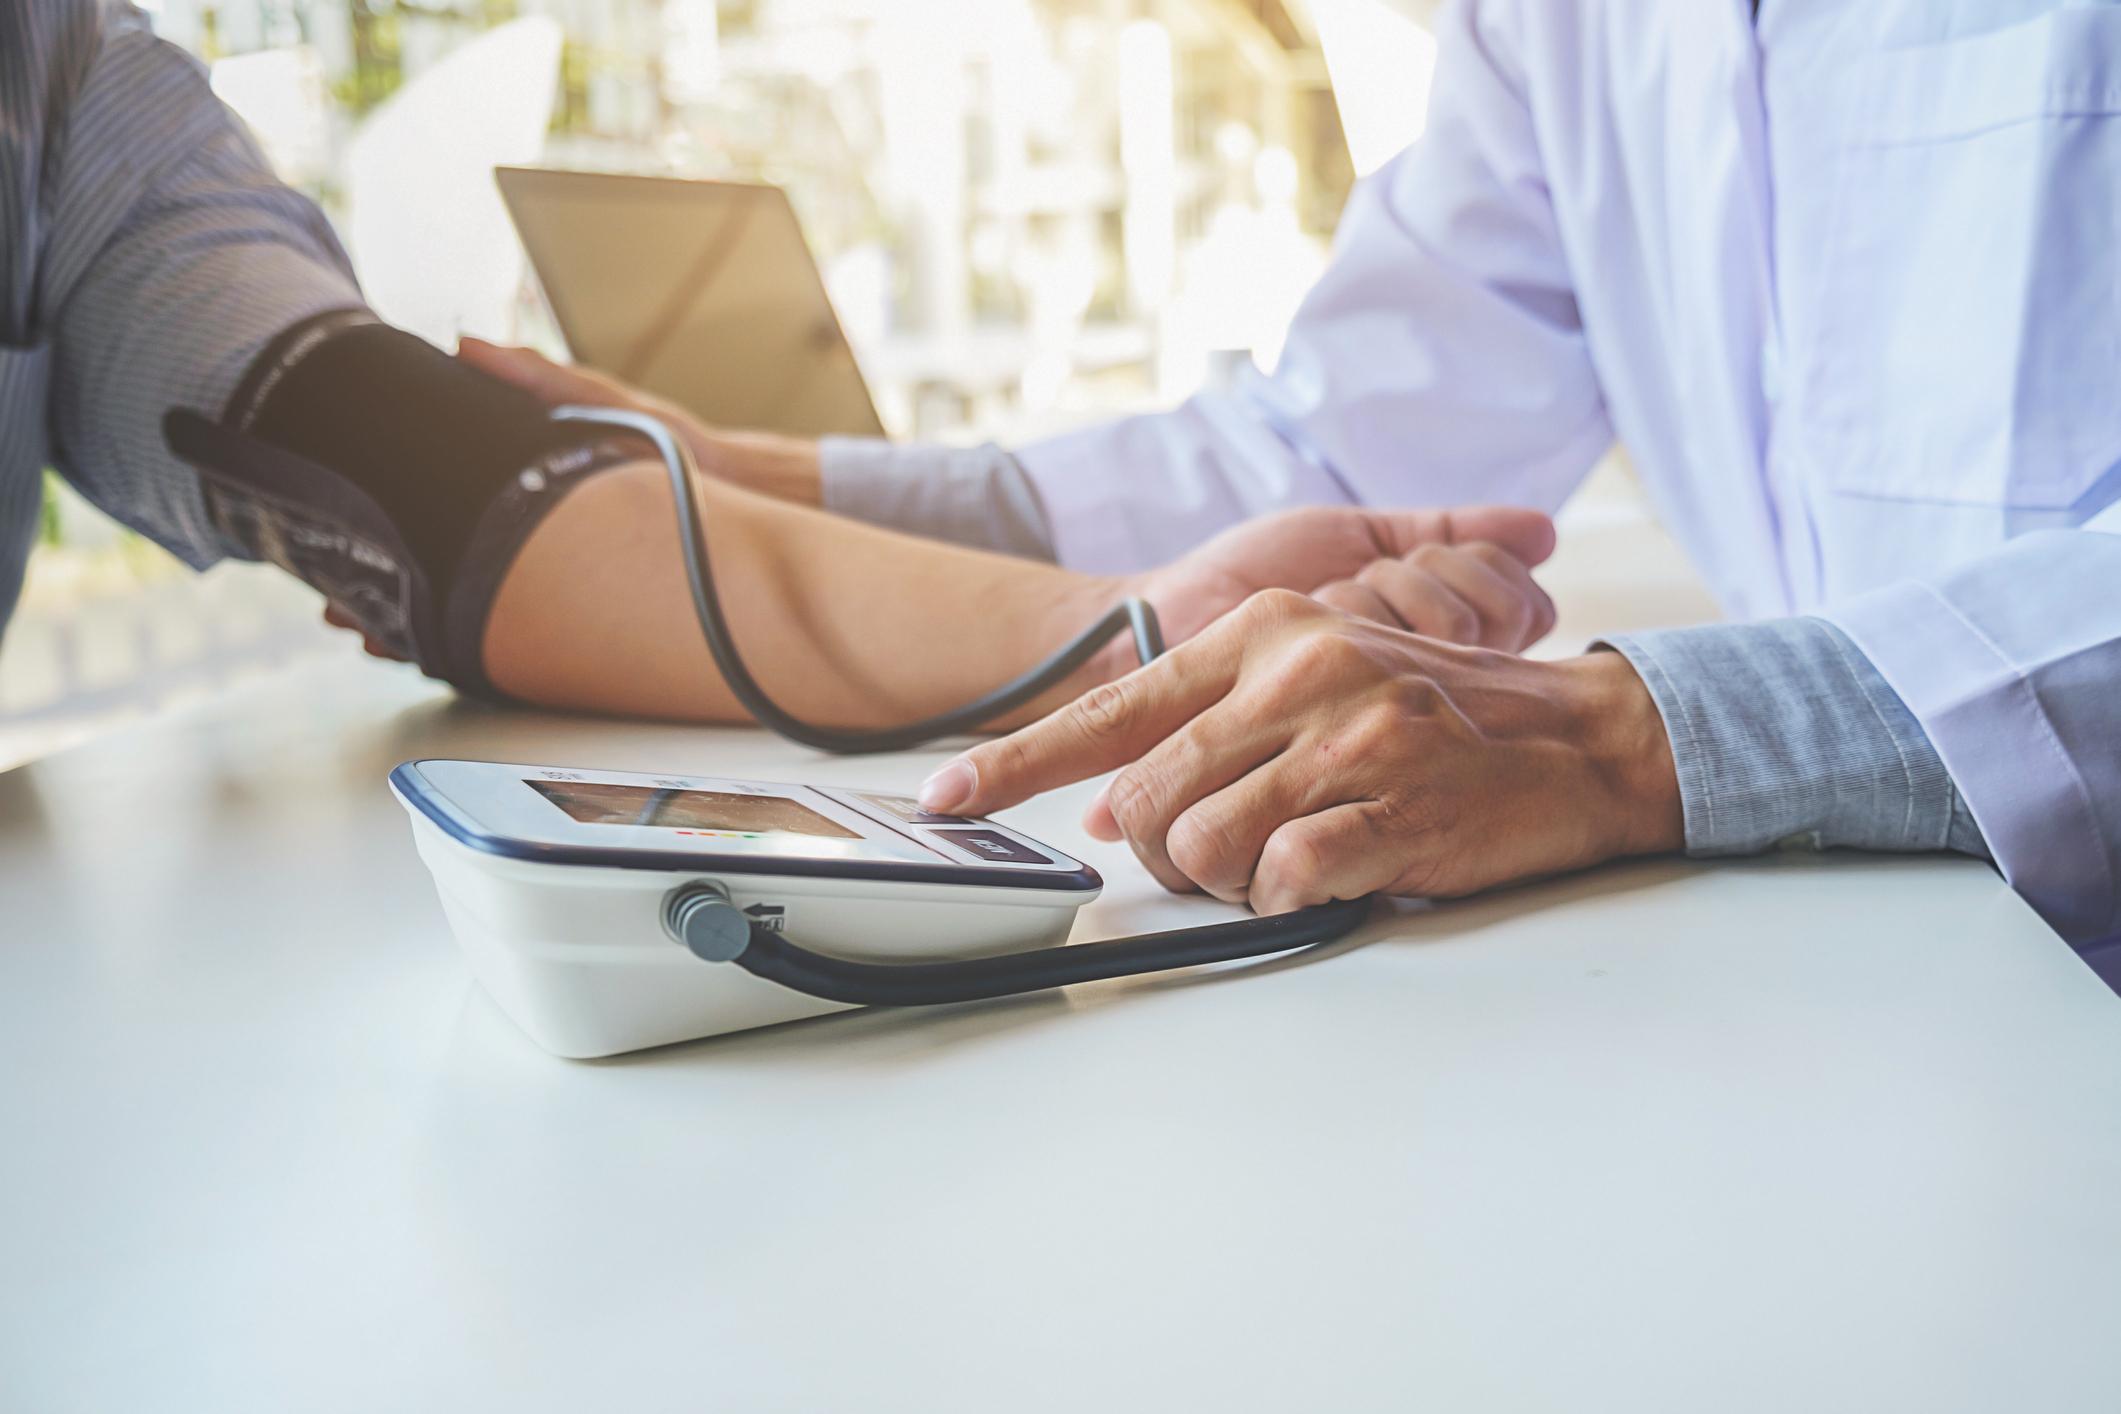 Hogyan kell megérteni a magas vérnyomást vagy az alacsony vérnyomást